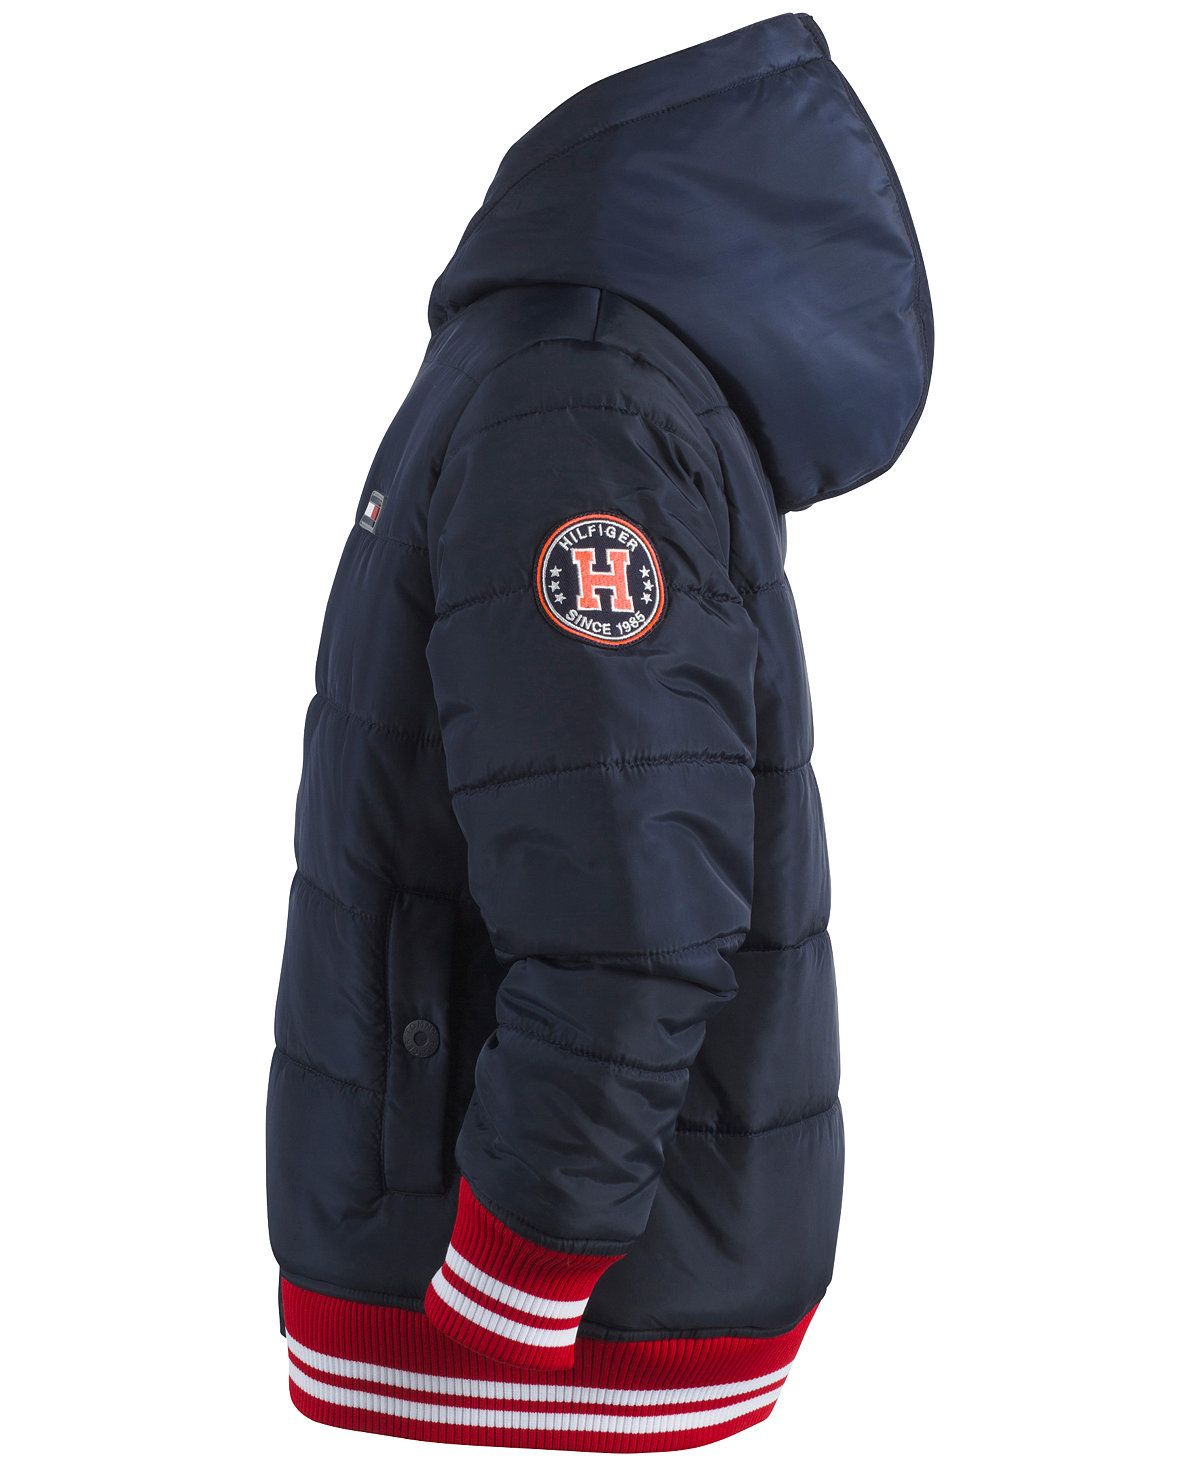 fa24d48f Tommy Hilfiger Kramer Hooded Puffer Coat, Little Boys (4-7) - Coats &  Jackets - Kids & Baby - Macy's